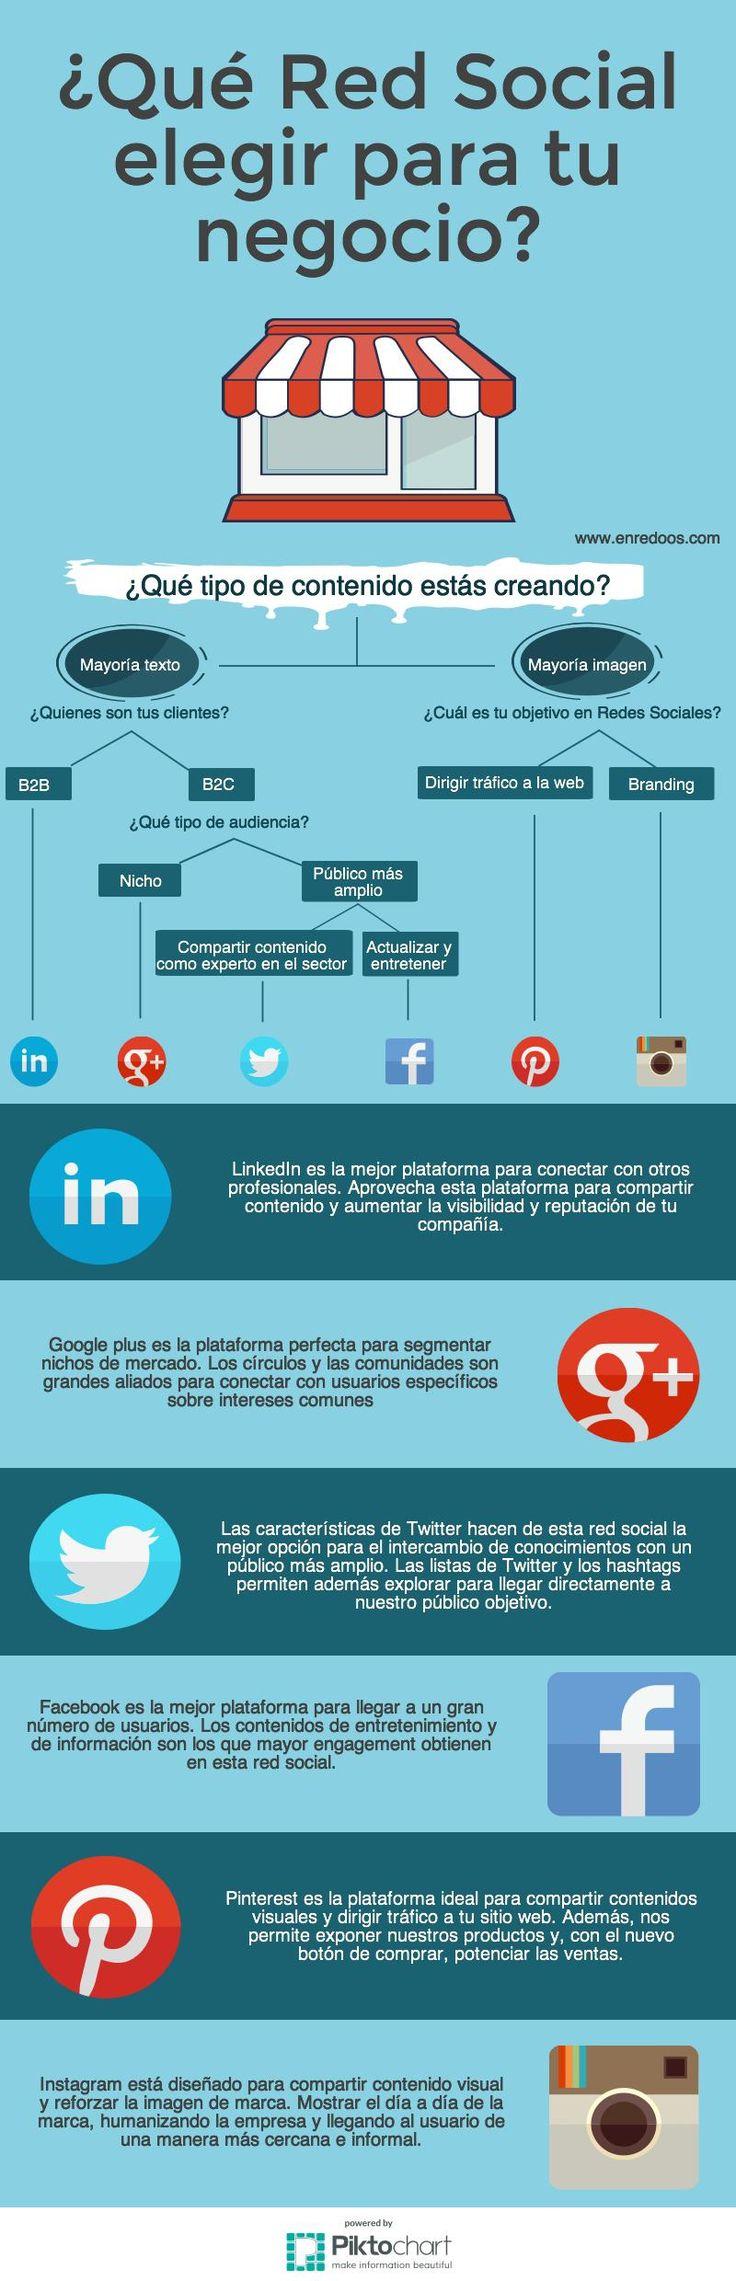 Escoger la red social adecuada para tu negocio